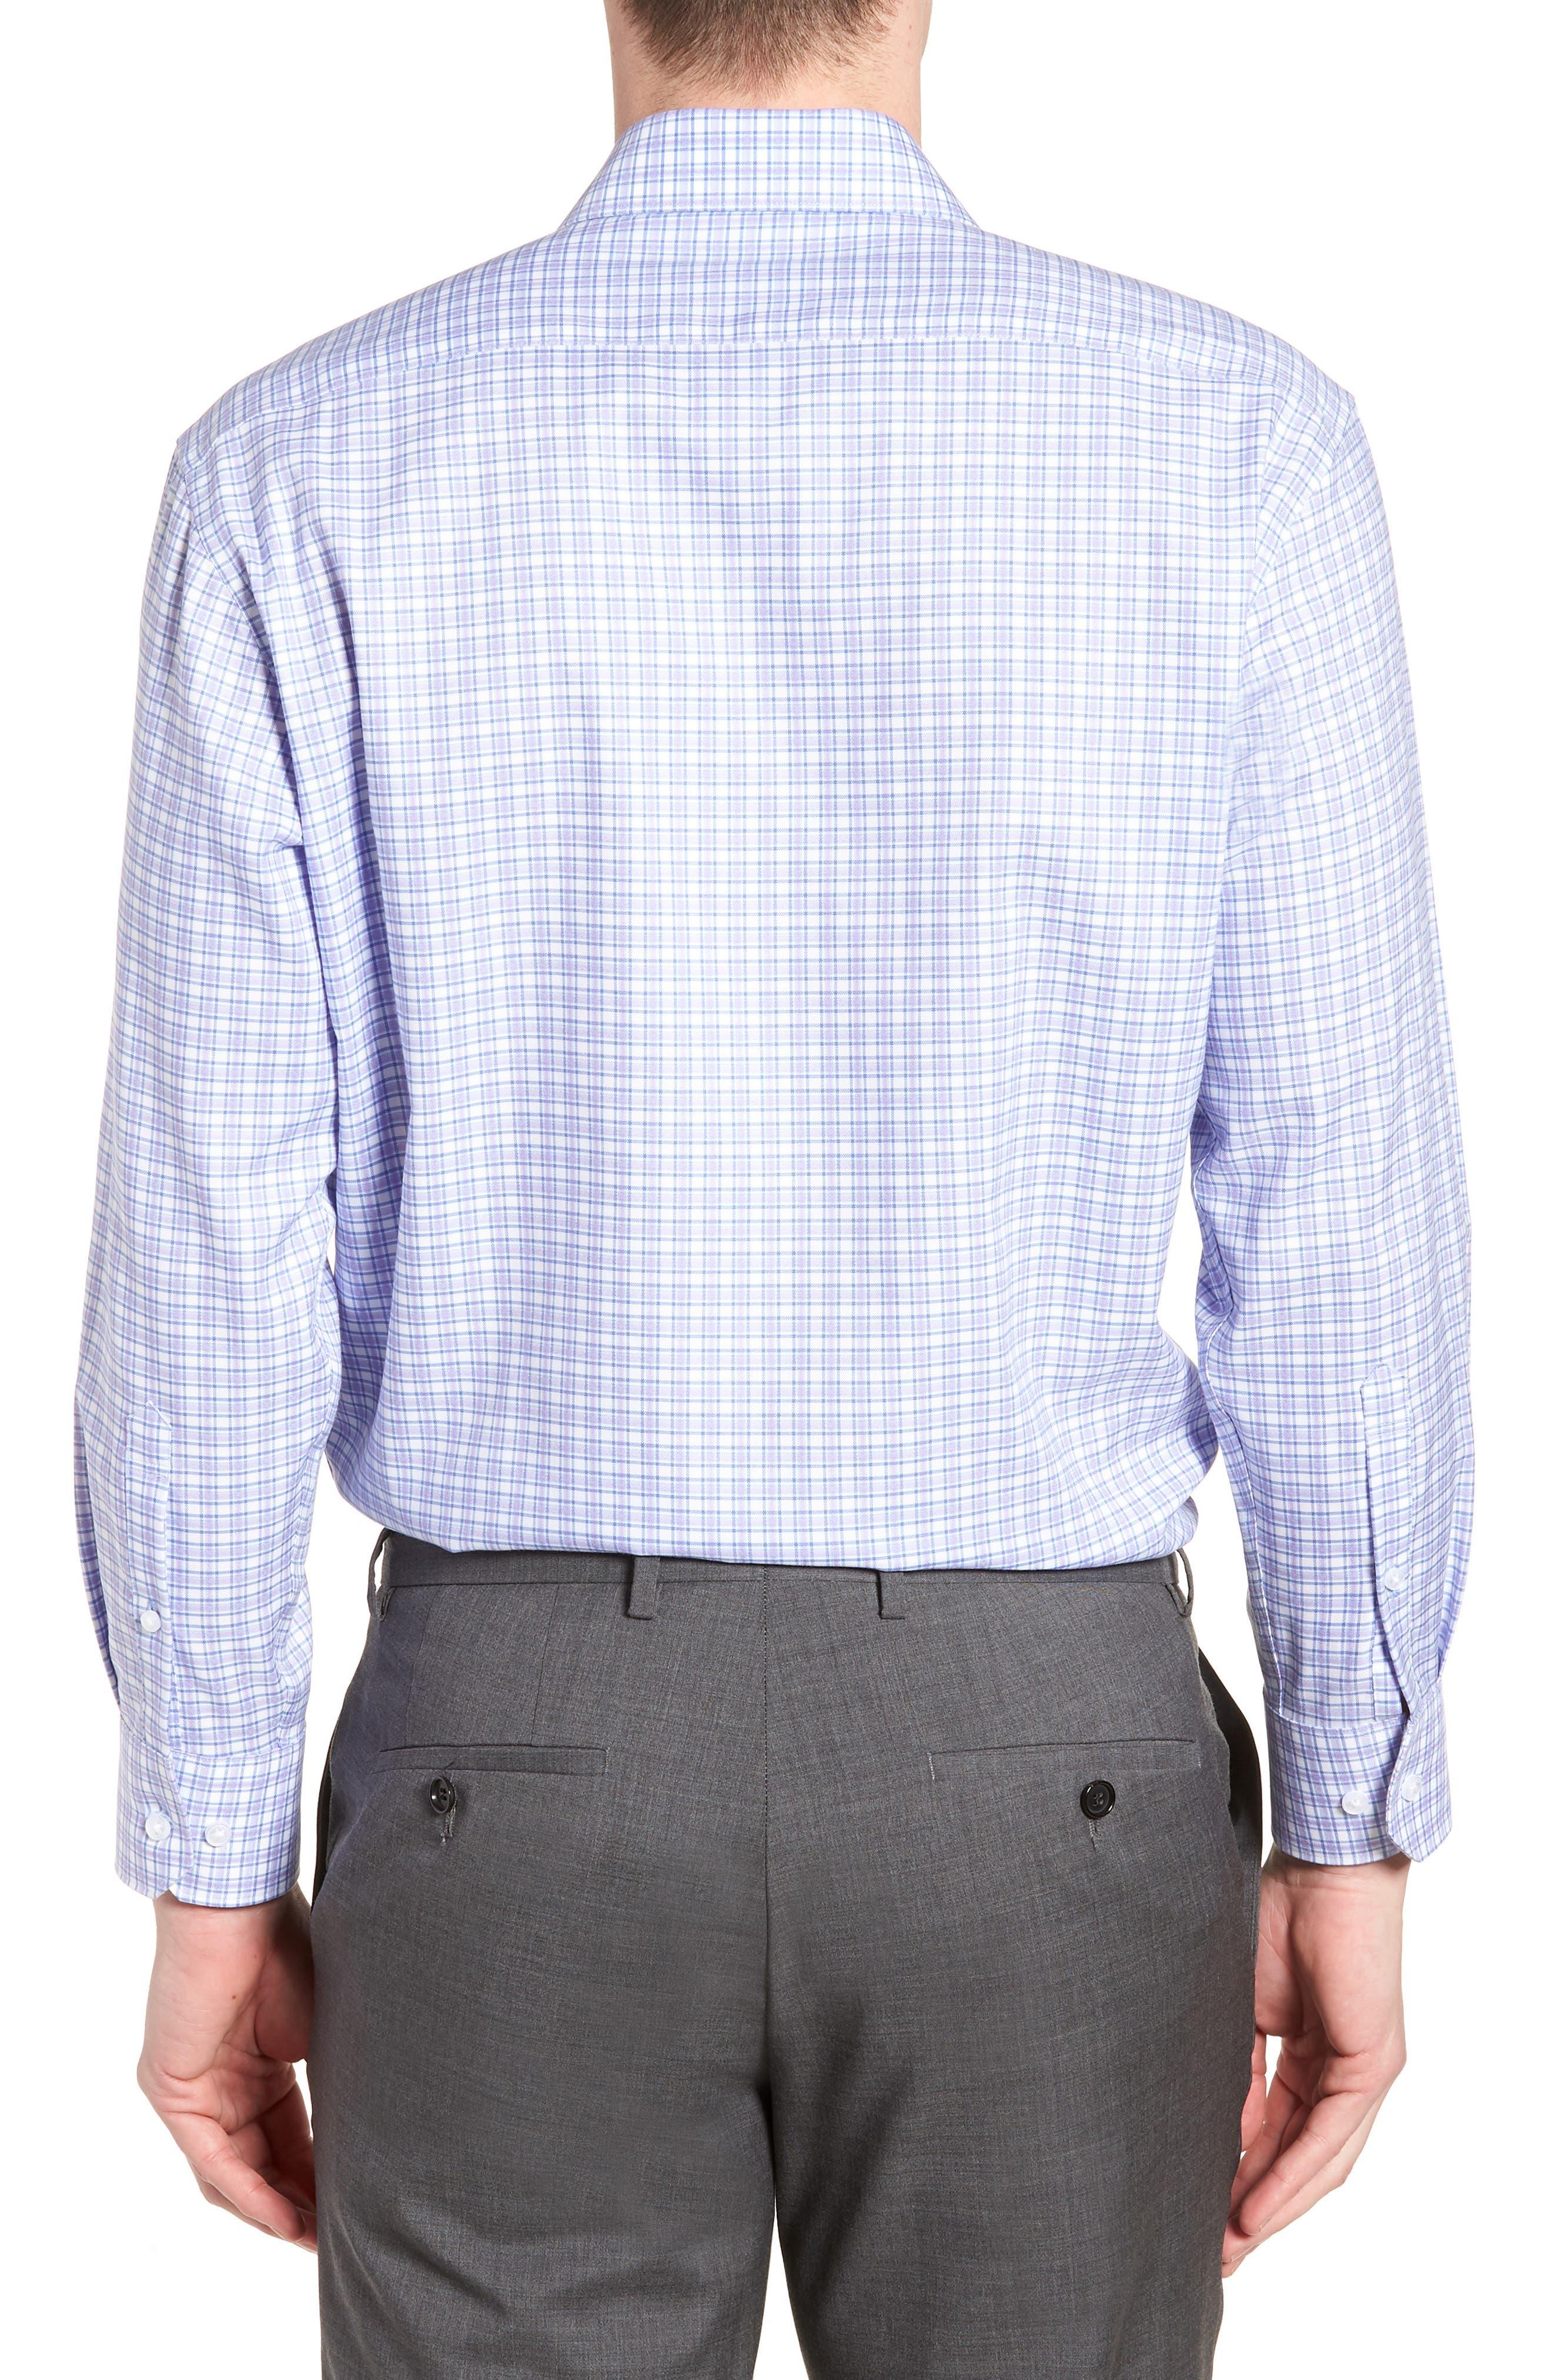 Neil Trim Fit Check Dress Shirt,                             Alternate thumbnail 3, color,                             Lavender